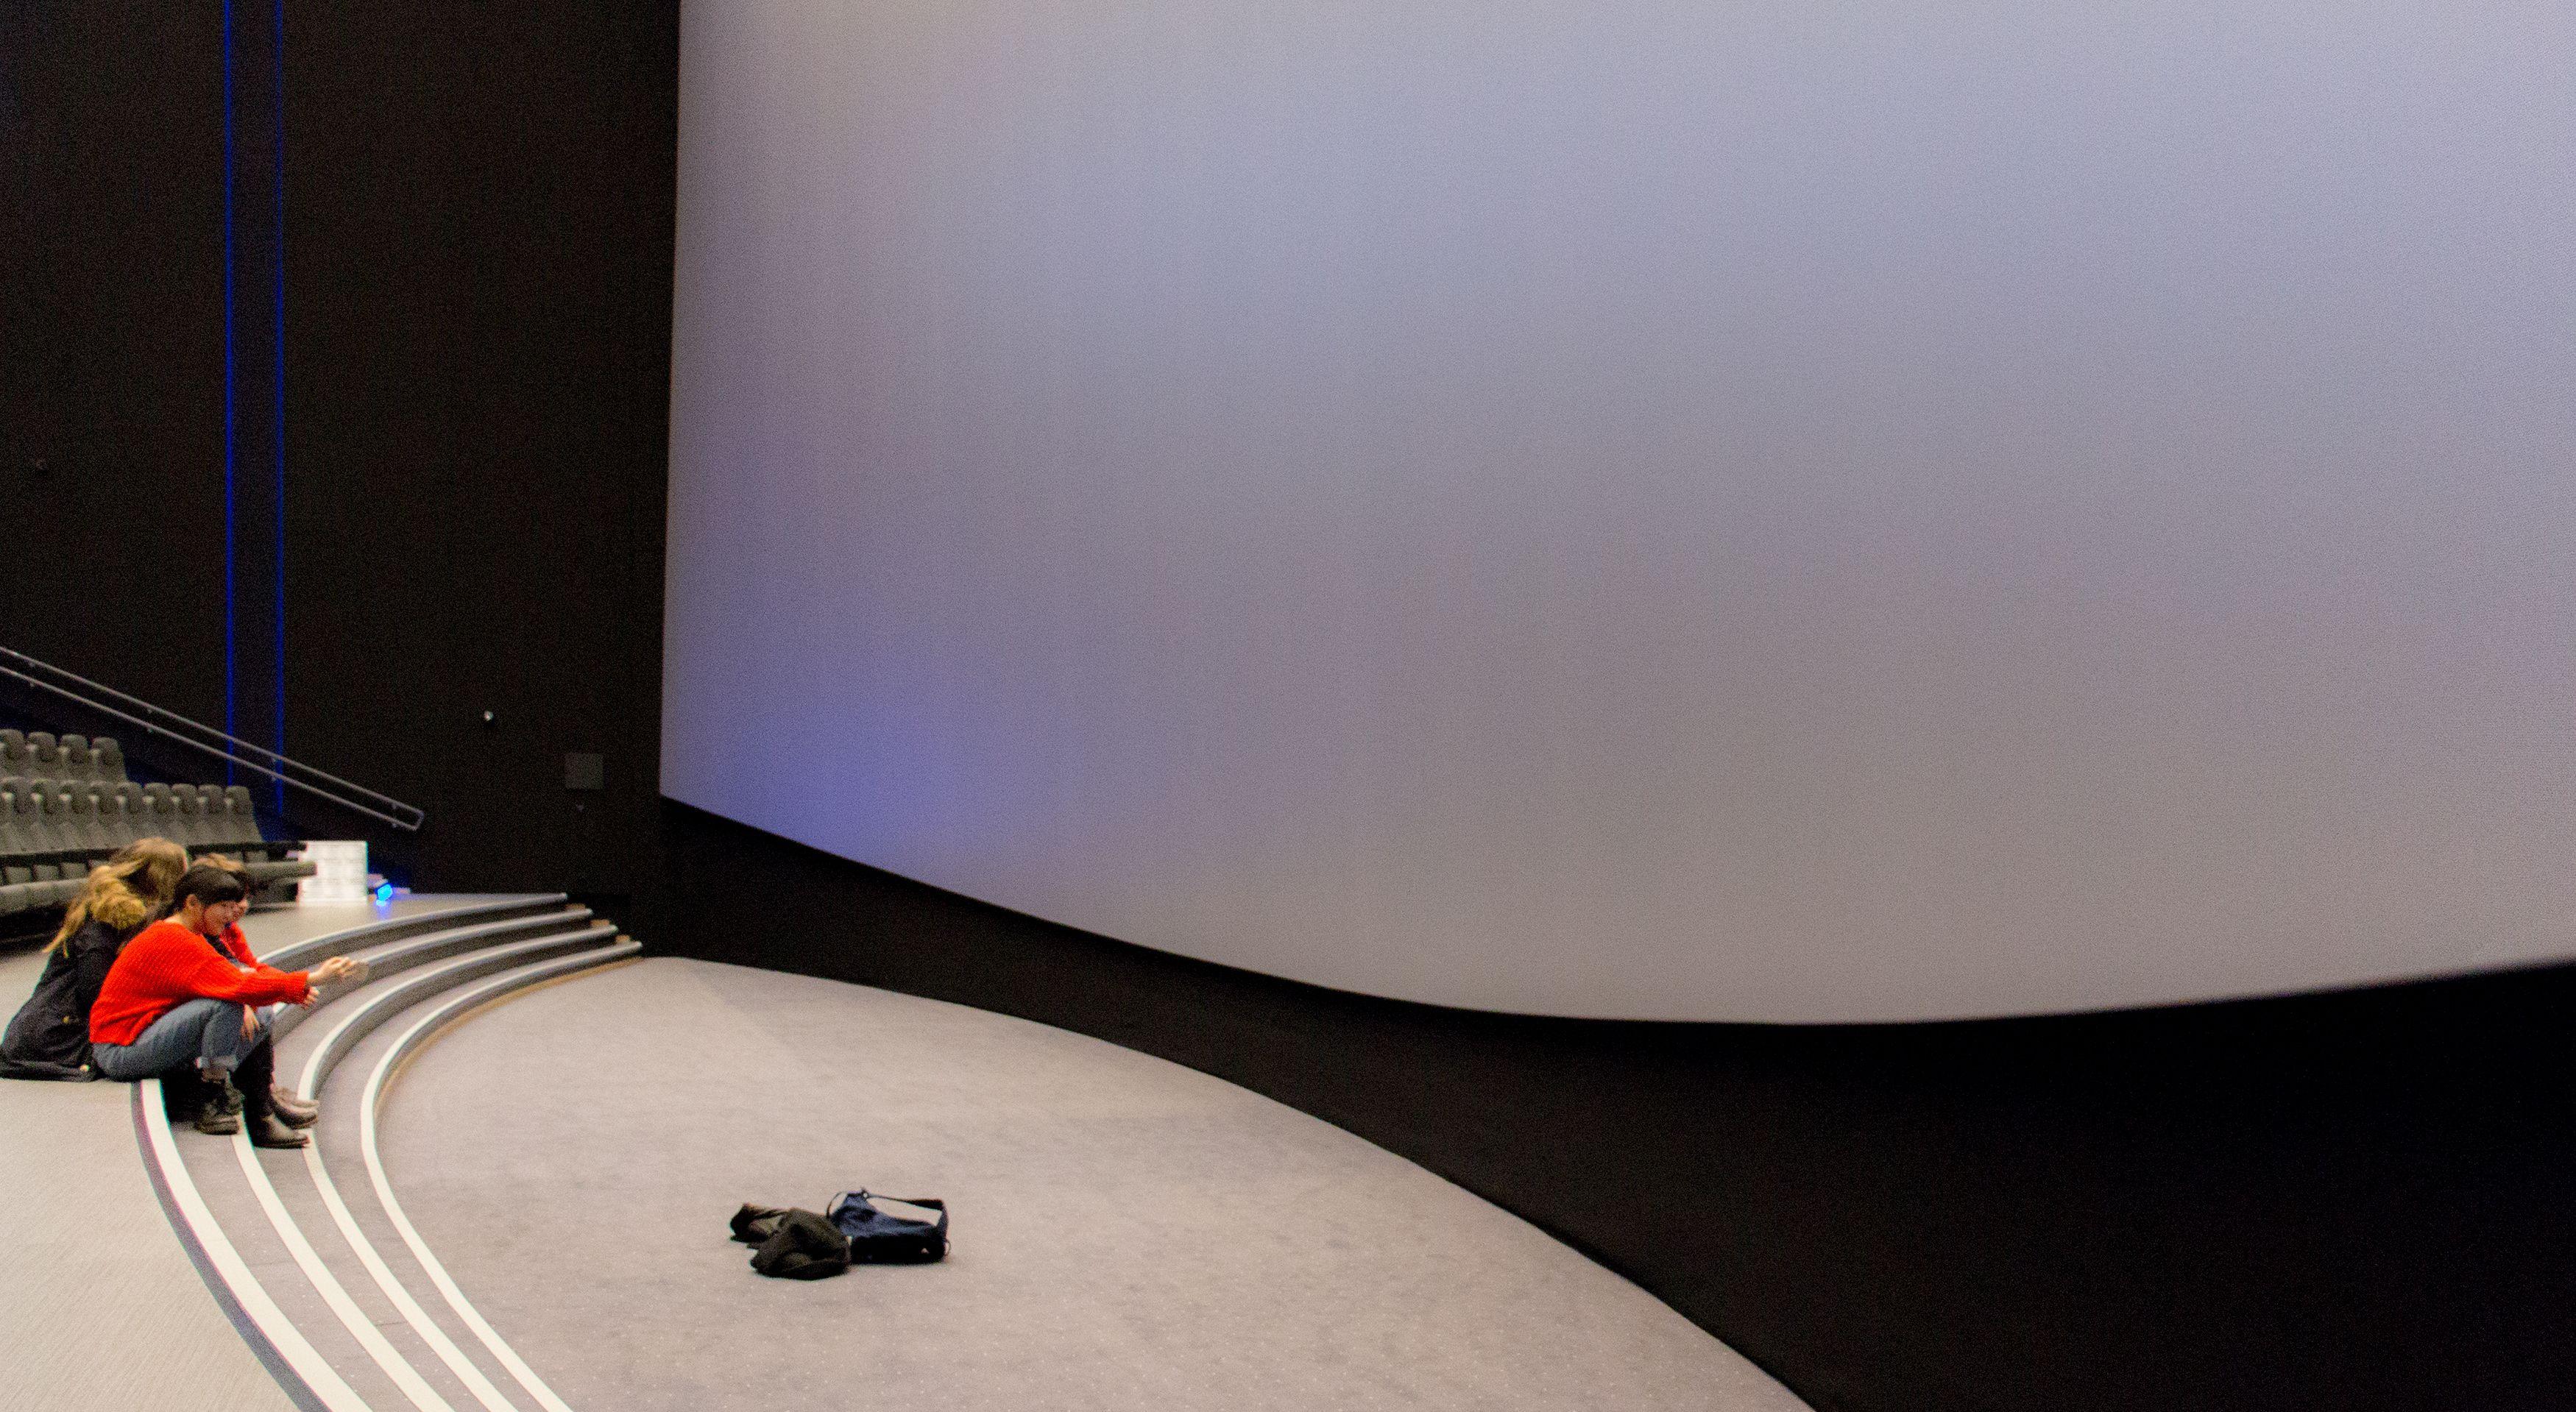 Lerretet i IMAX-salen er kurvet for bedre innlevelse.